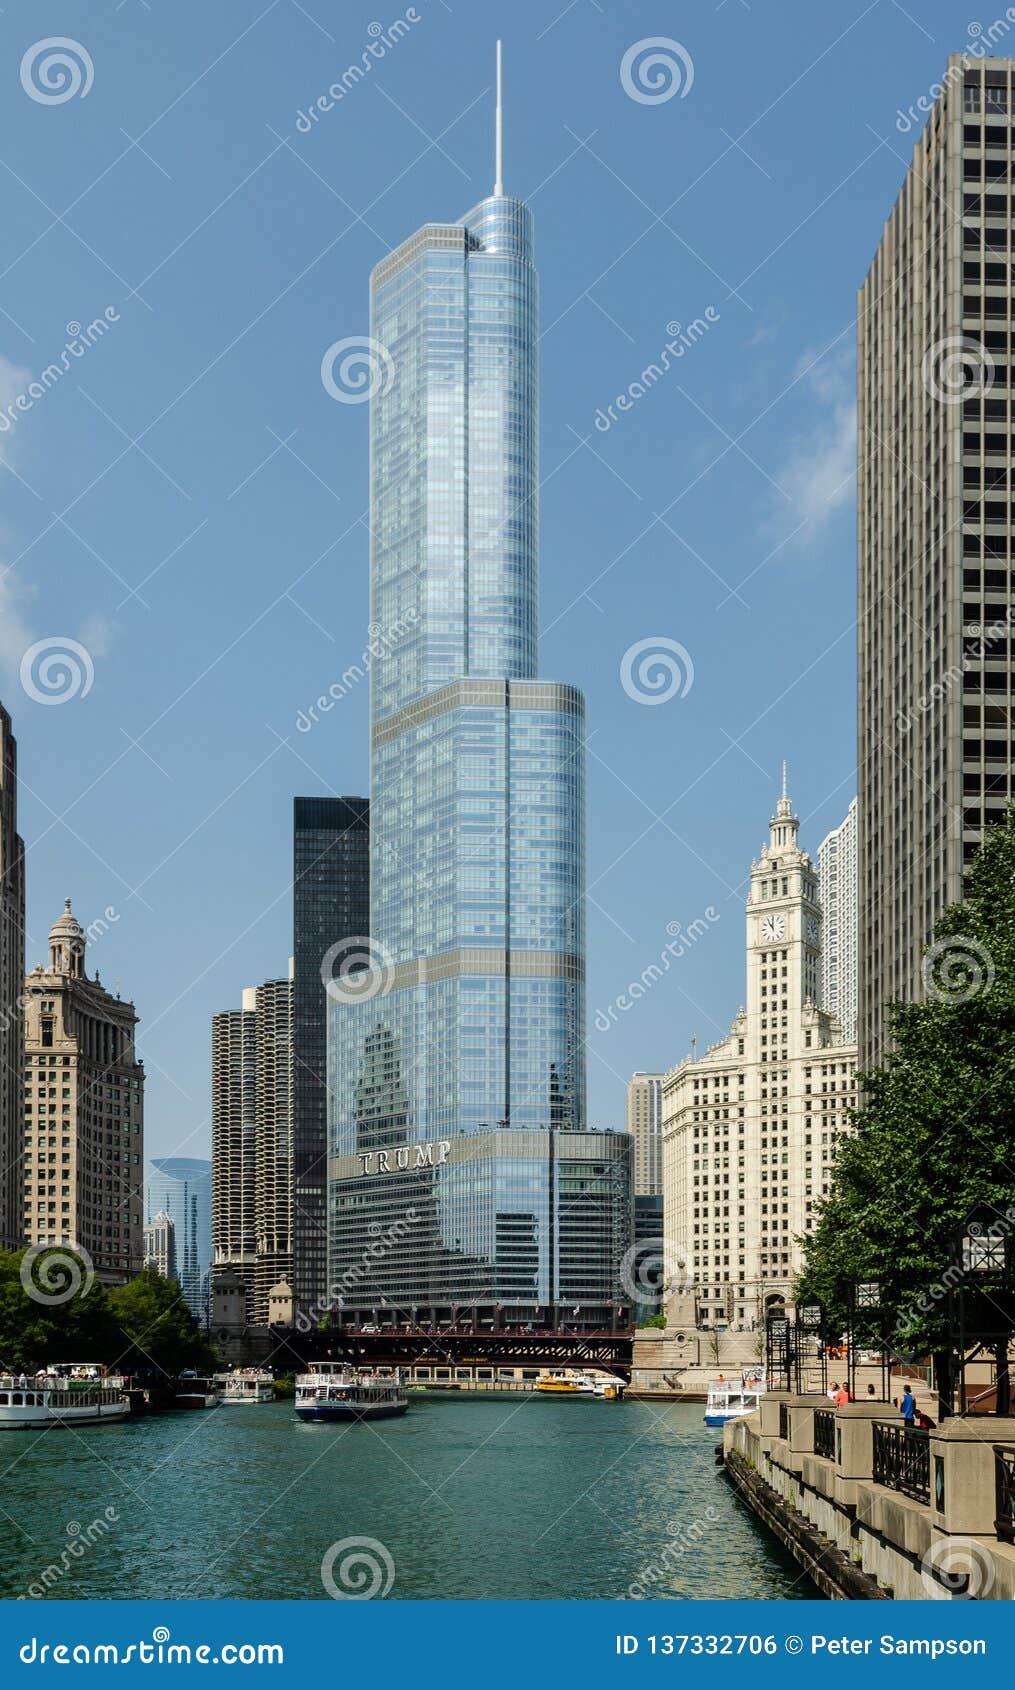 Troef Internationale Hotel & Toren, Chicago